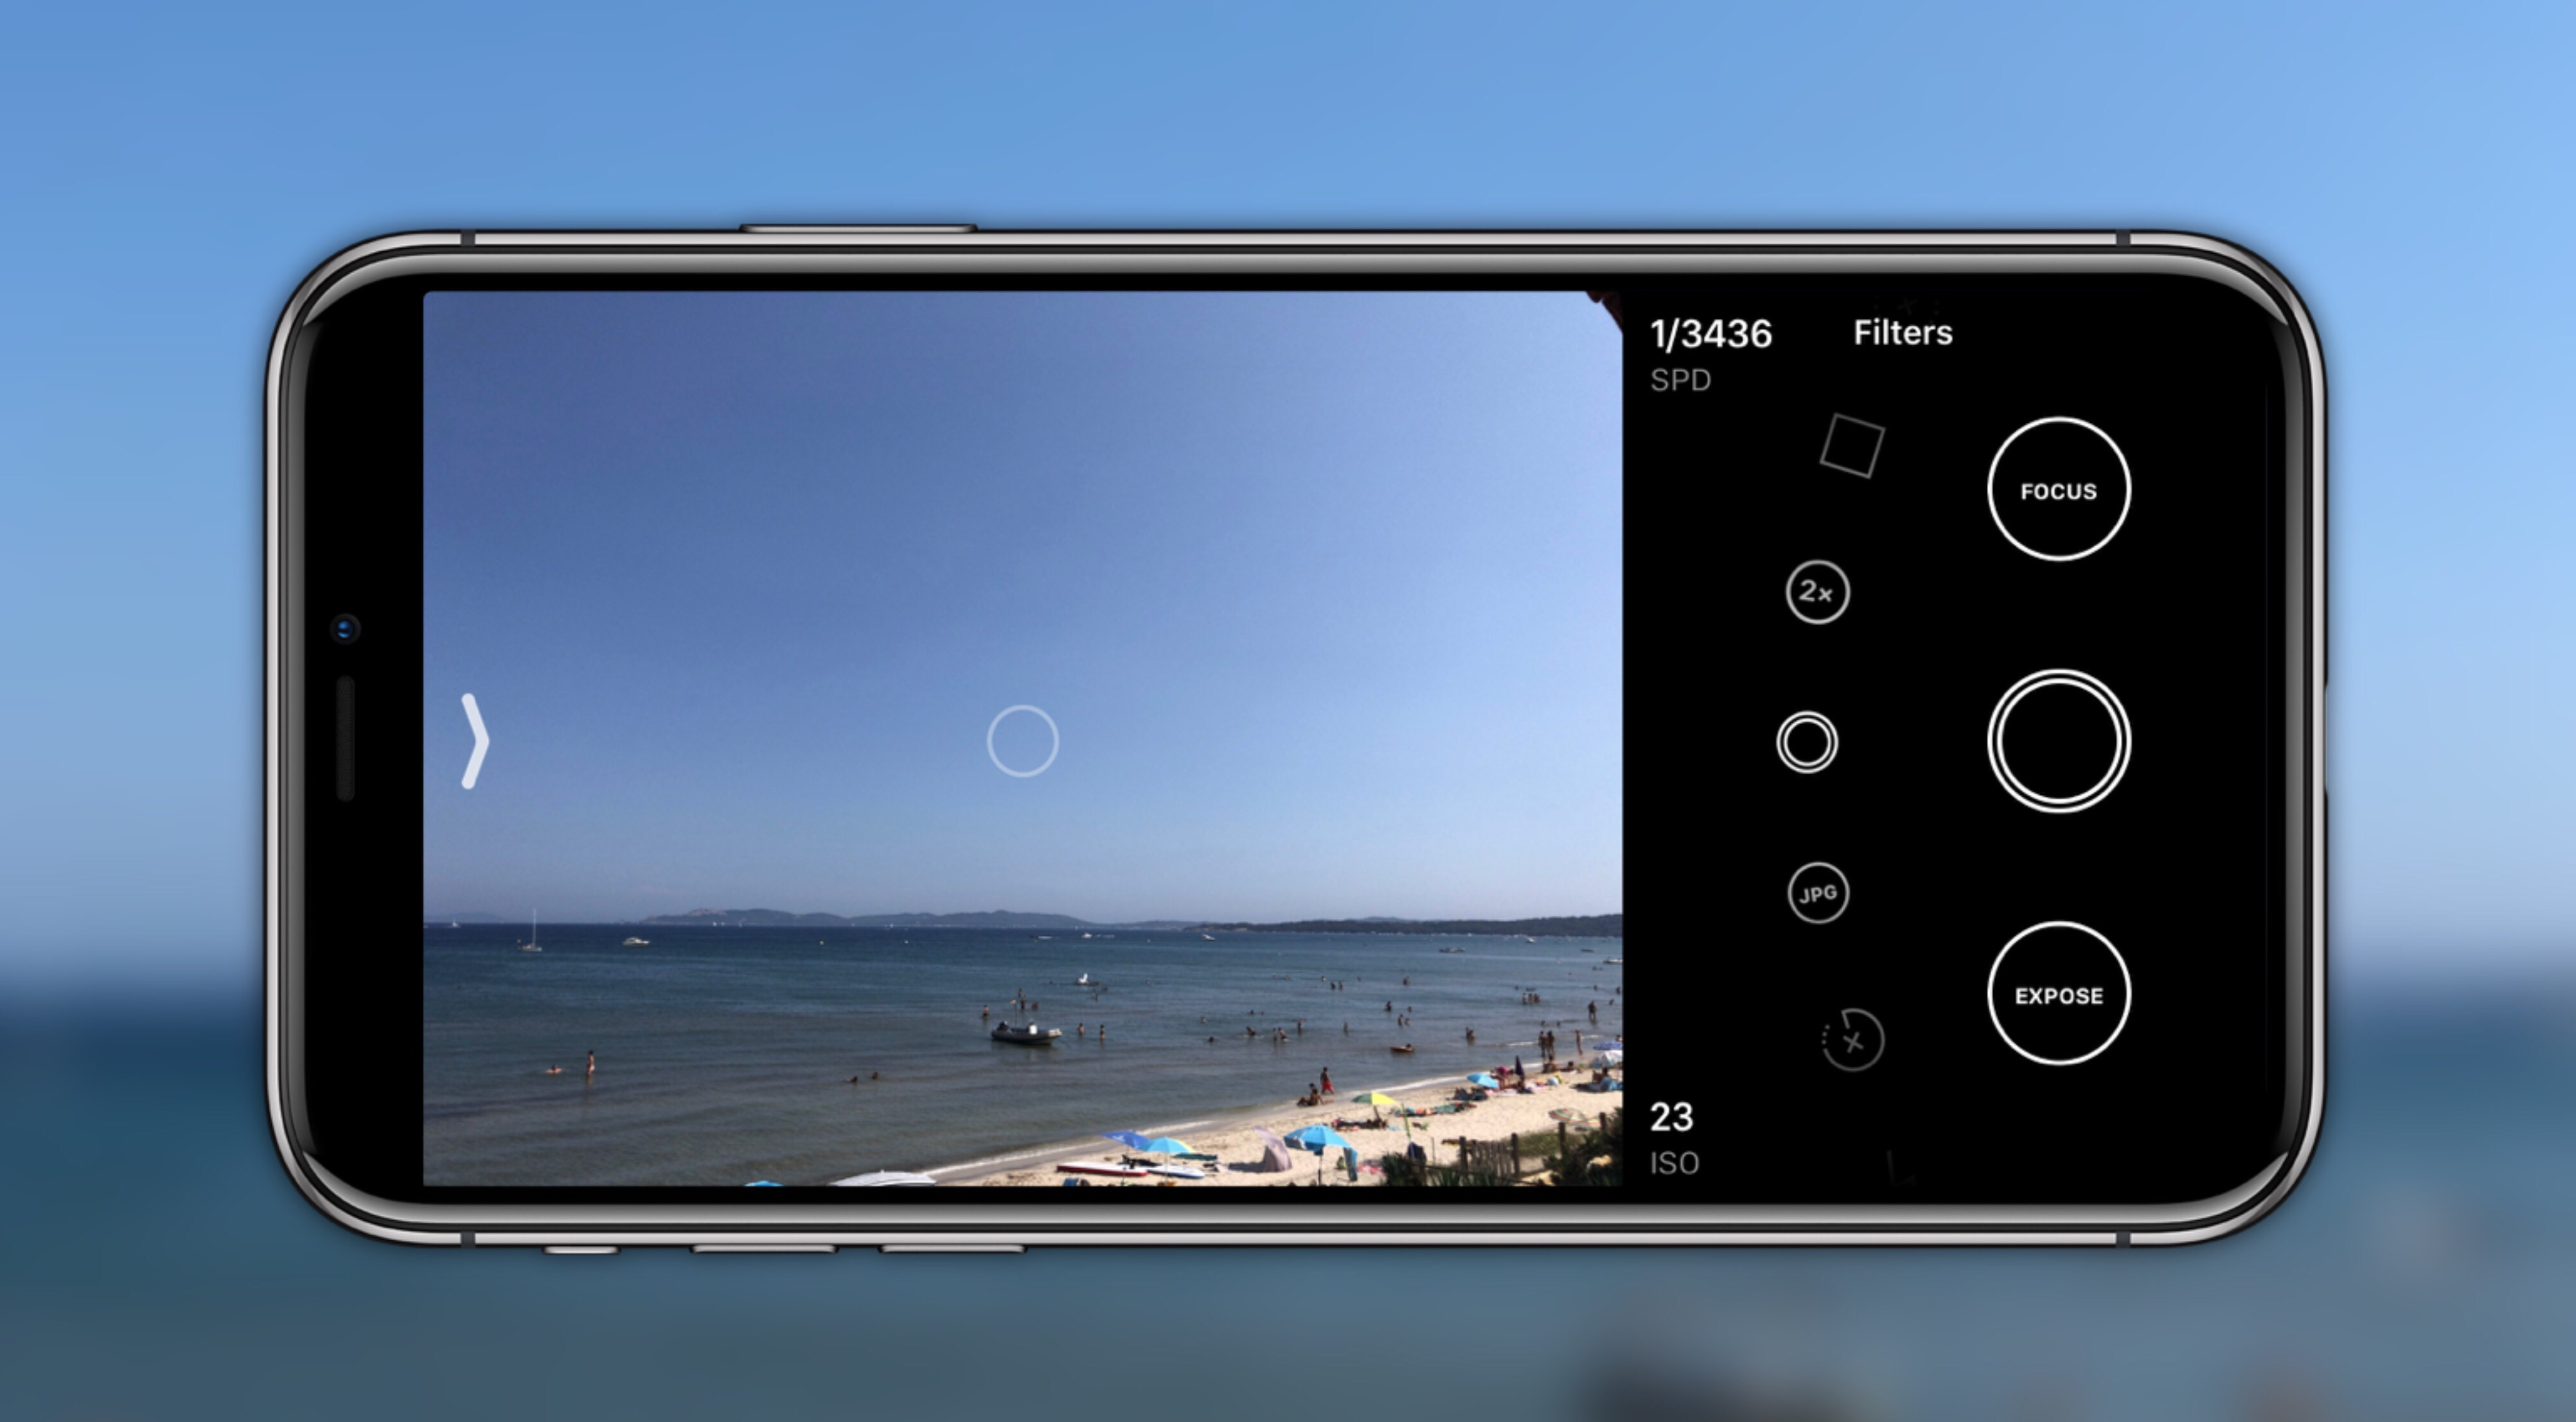 """Bon plan : l'app photo """"Obscura 2"""" est offerte, voici comment l'obtenir gratuitement 1"""